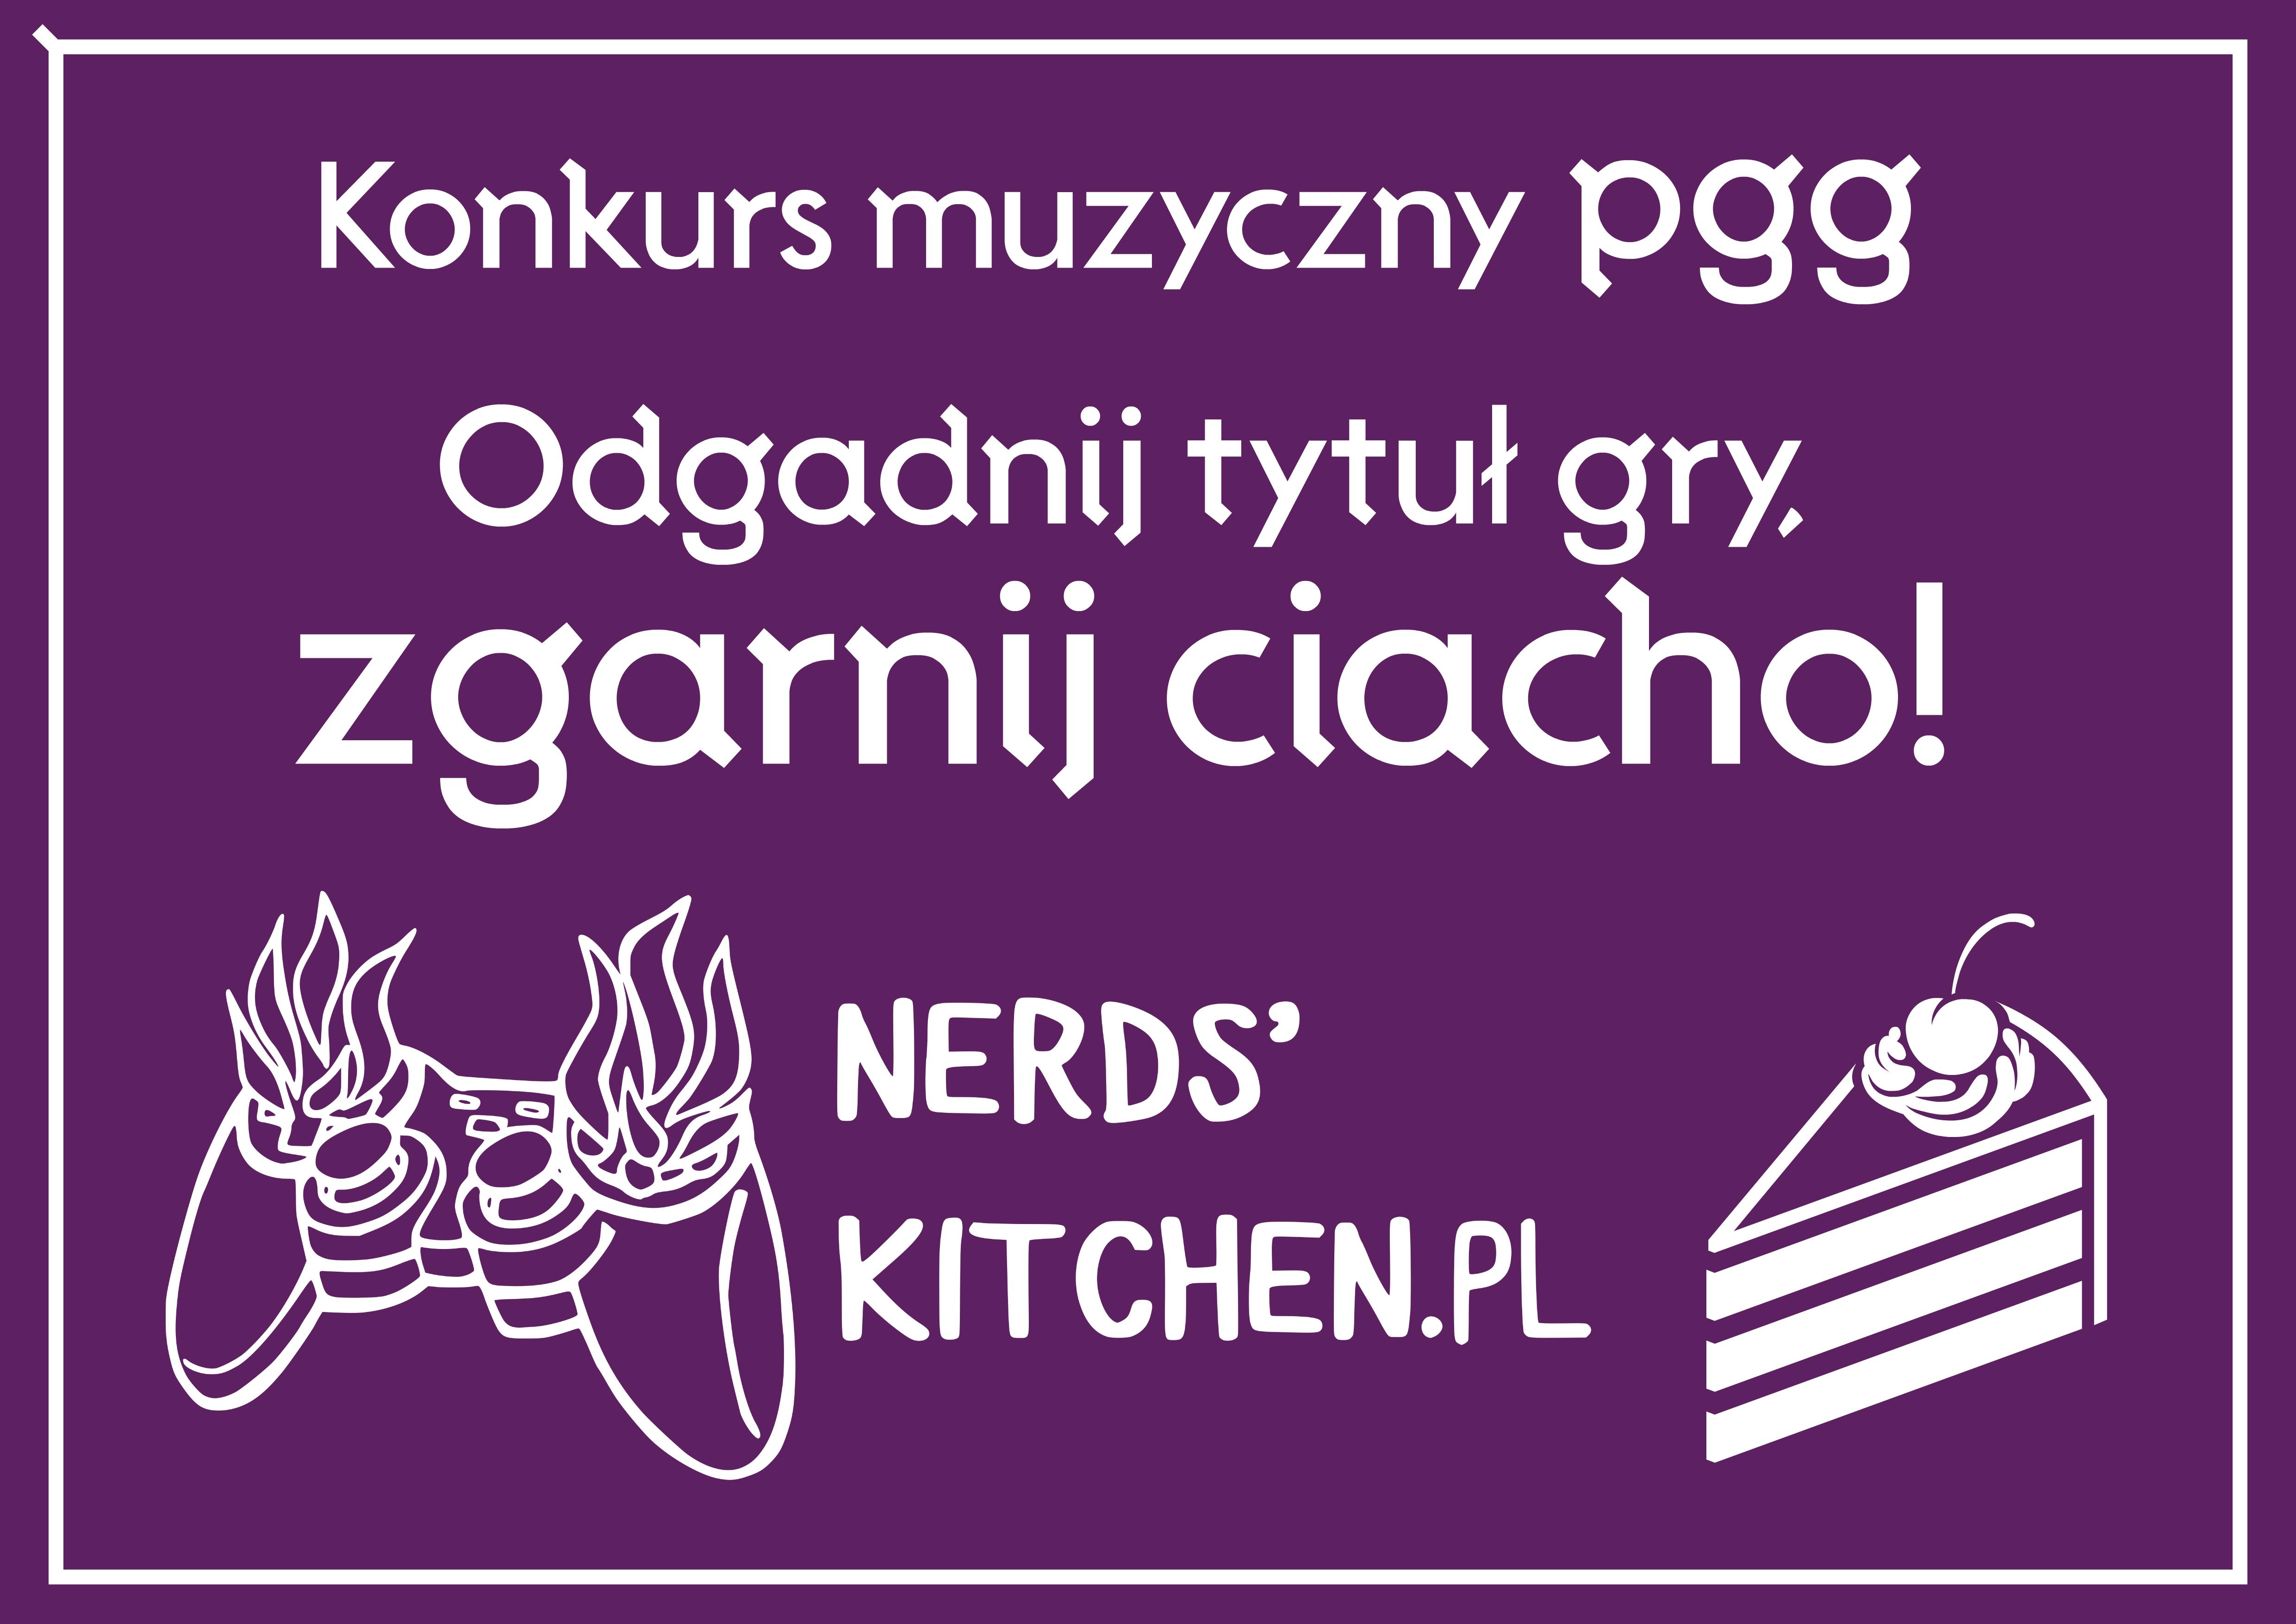 Plakat_konkurs_muzyczny(1)